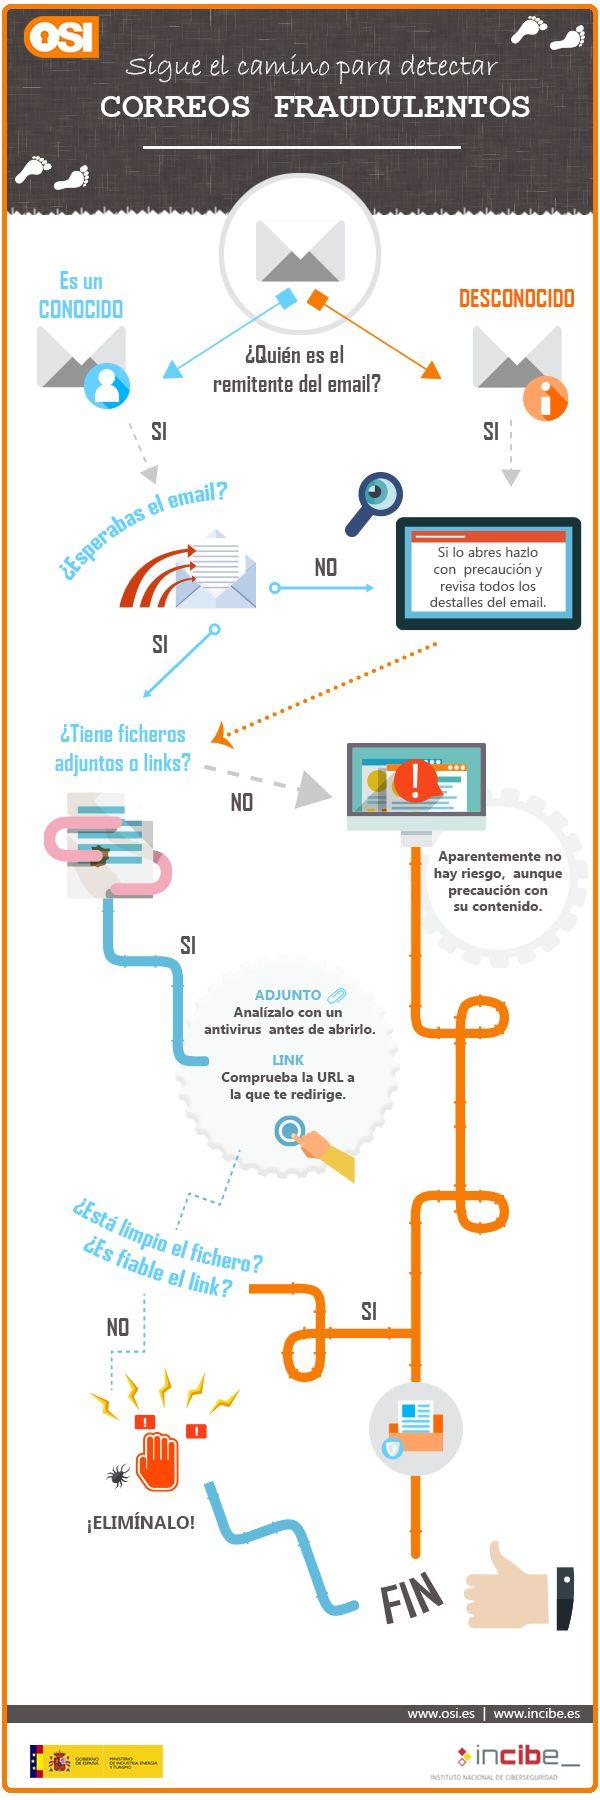 Fuente│Sigue el camino para detectar correos fraudulentos│@osiseguridad